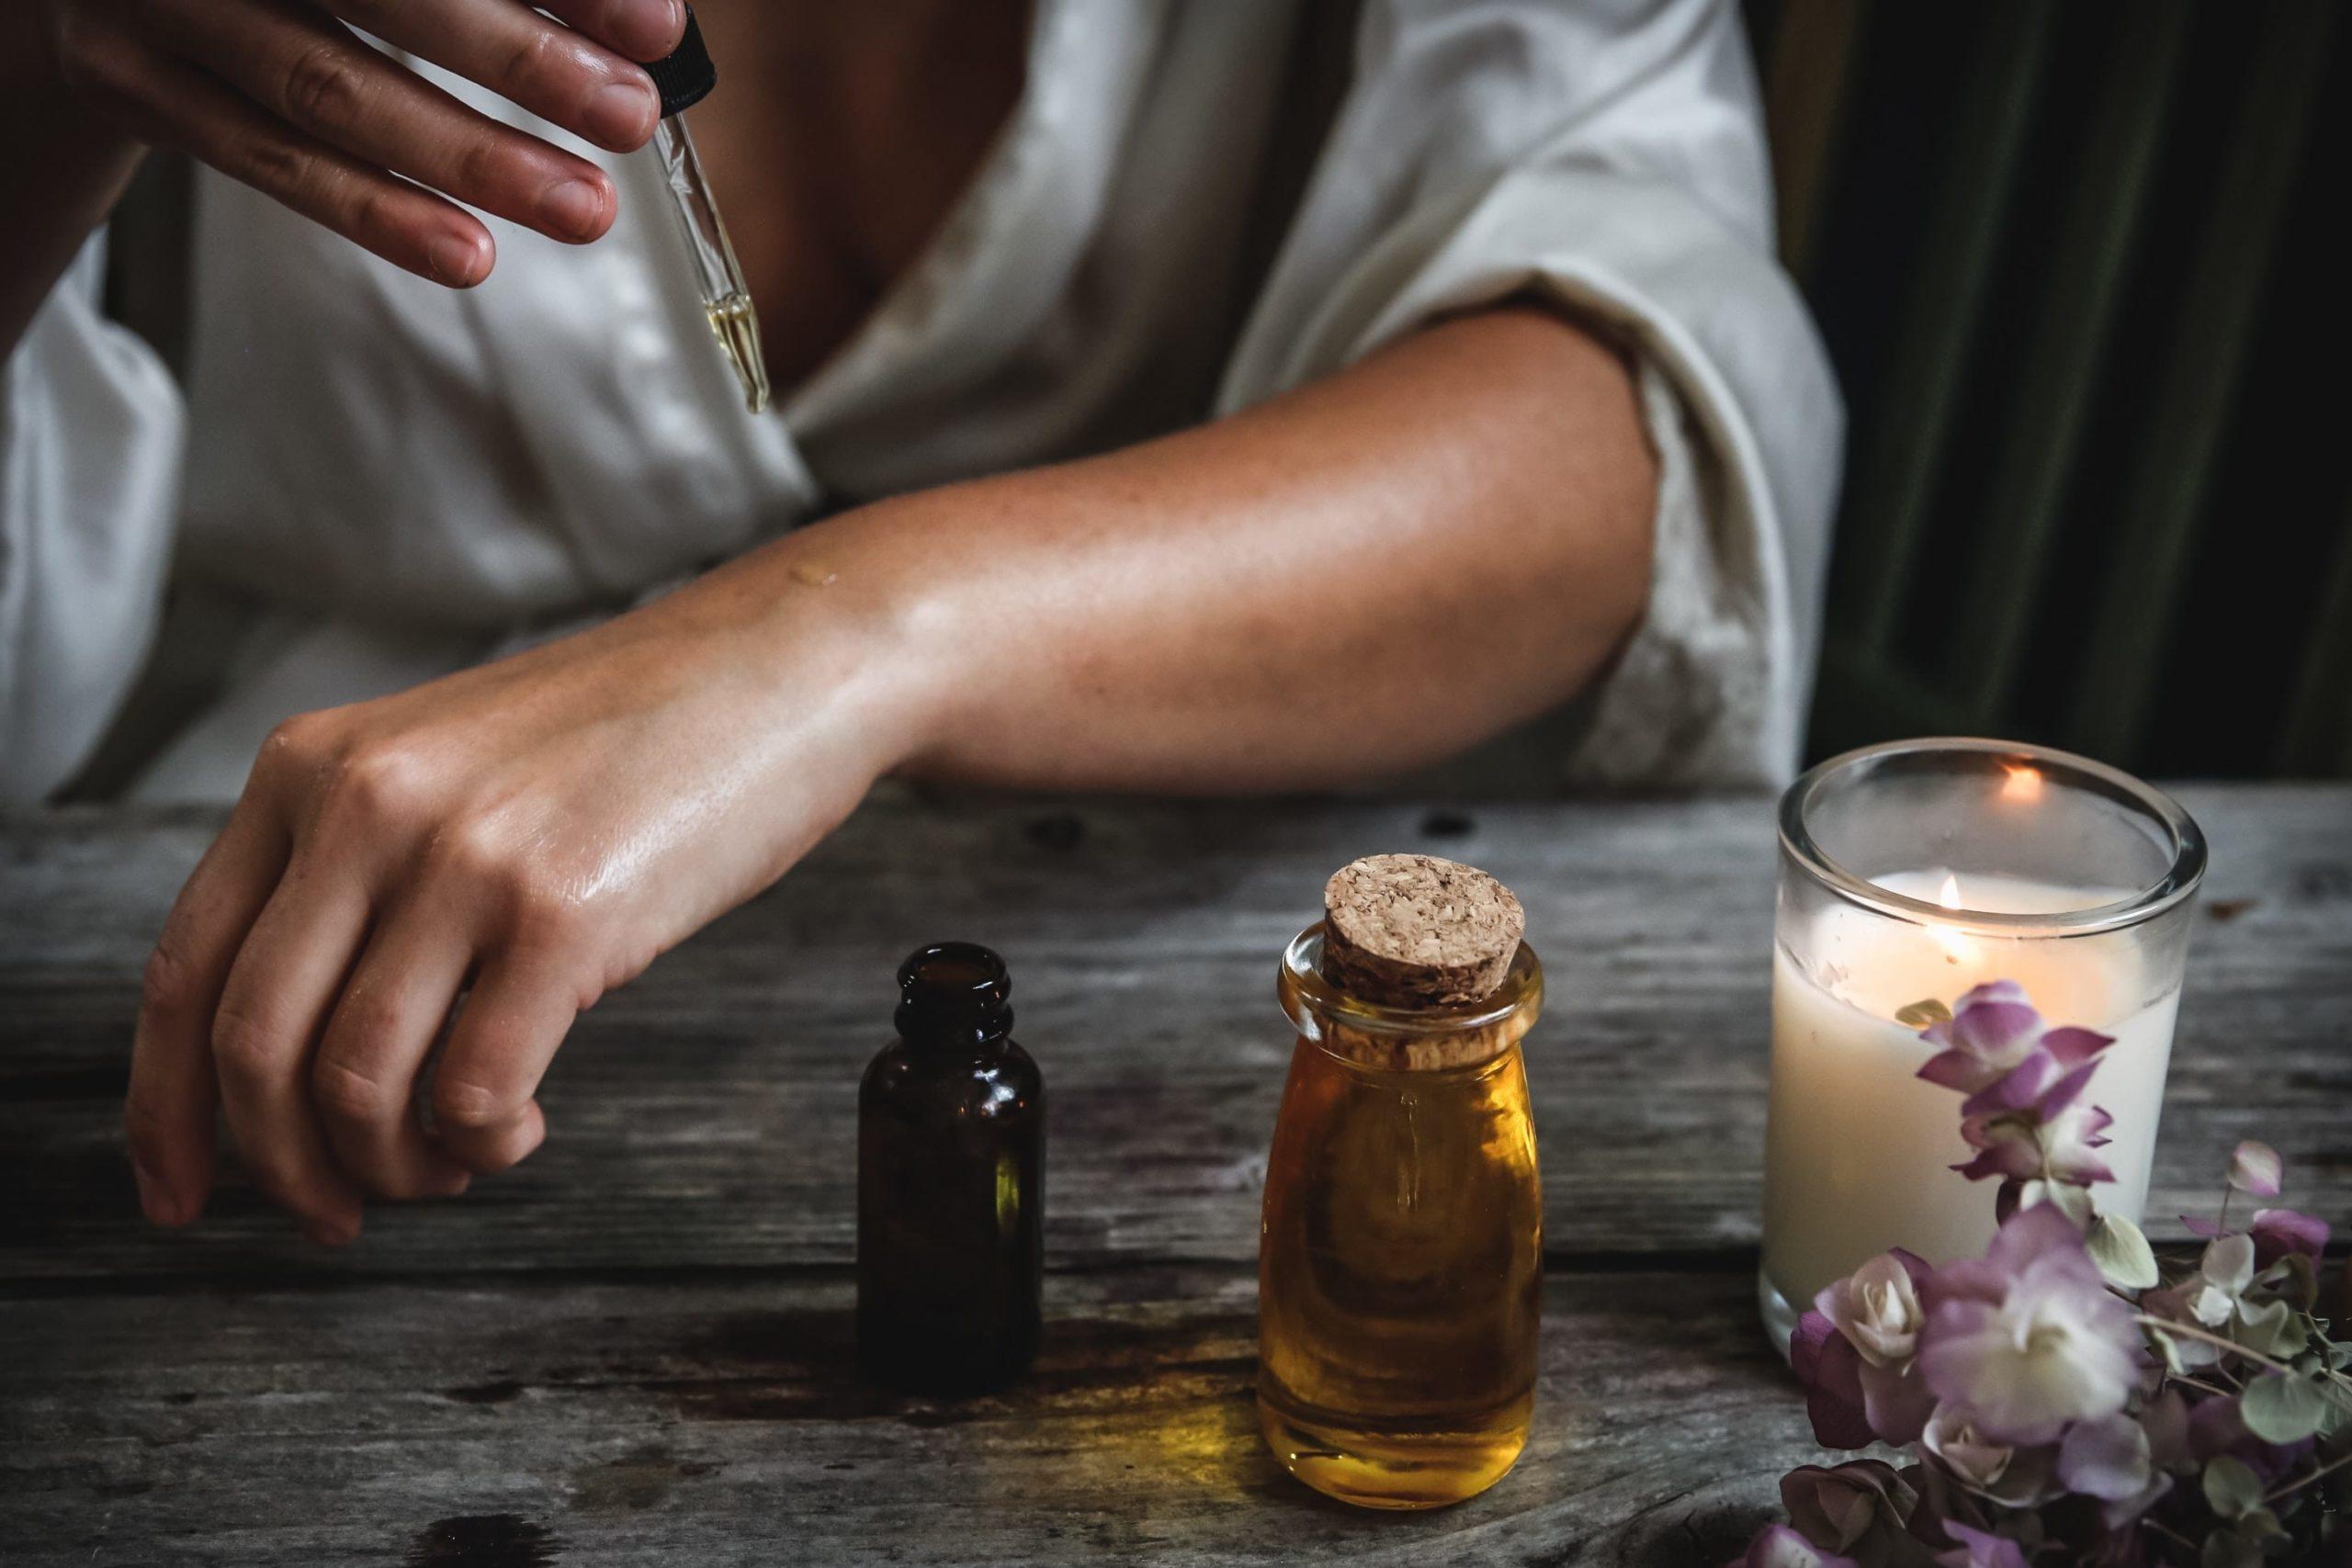 Ätherische Öle für die Haut werden aus einer Pipette getropft